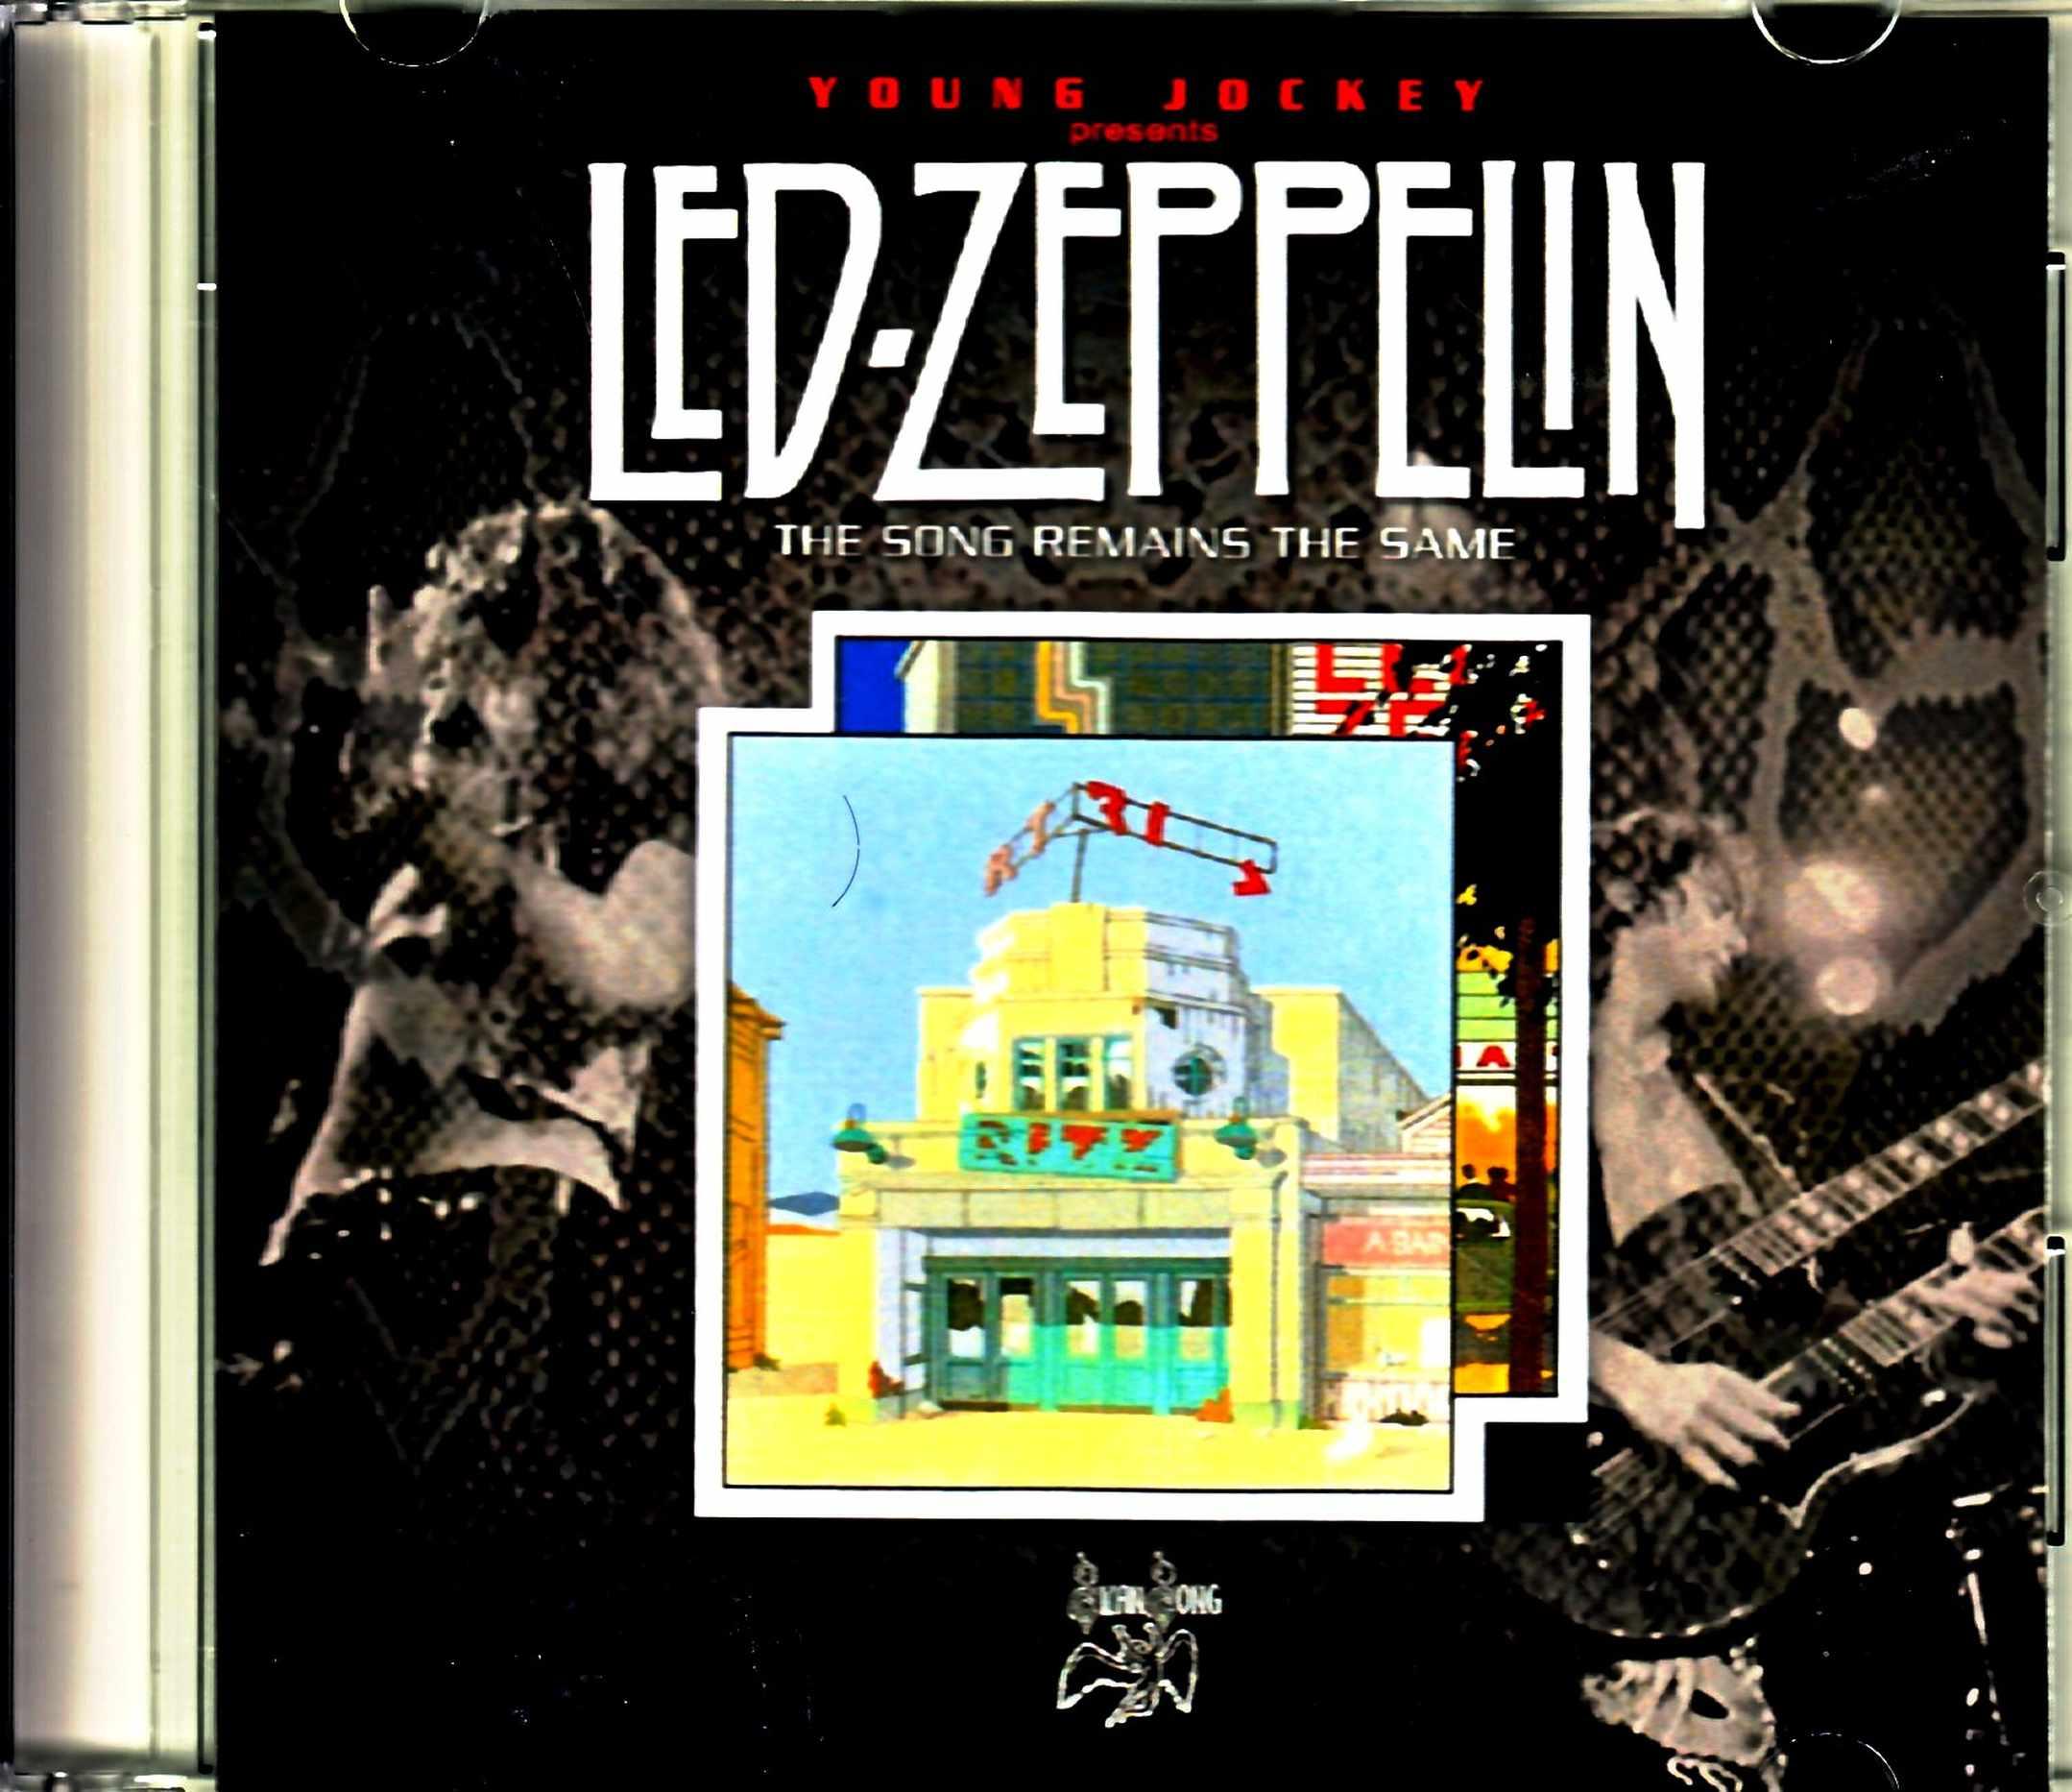 Led Zeppelin レッド・ツエッペリン/ヤング・ジョッキー Broadcast 1976